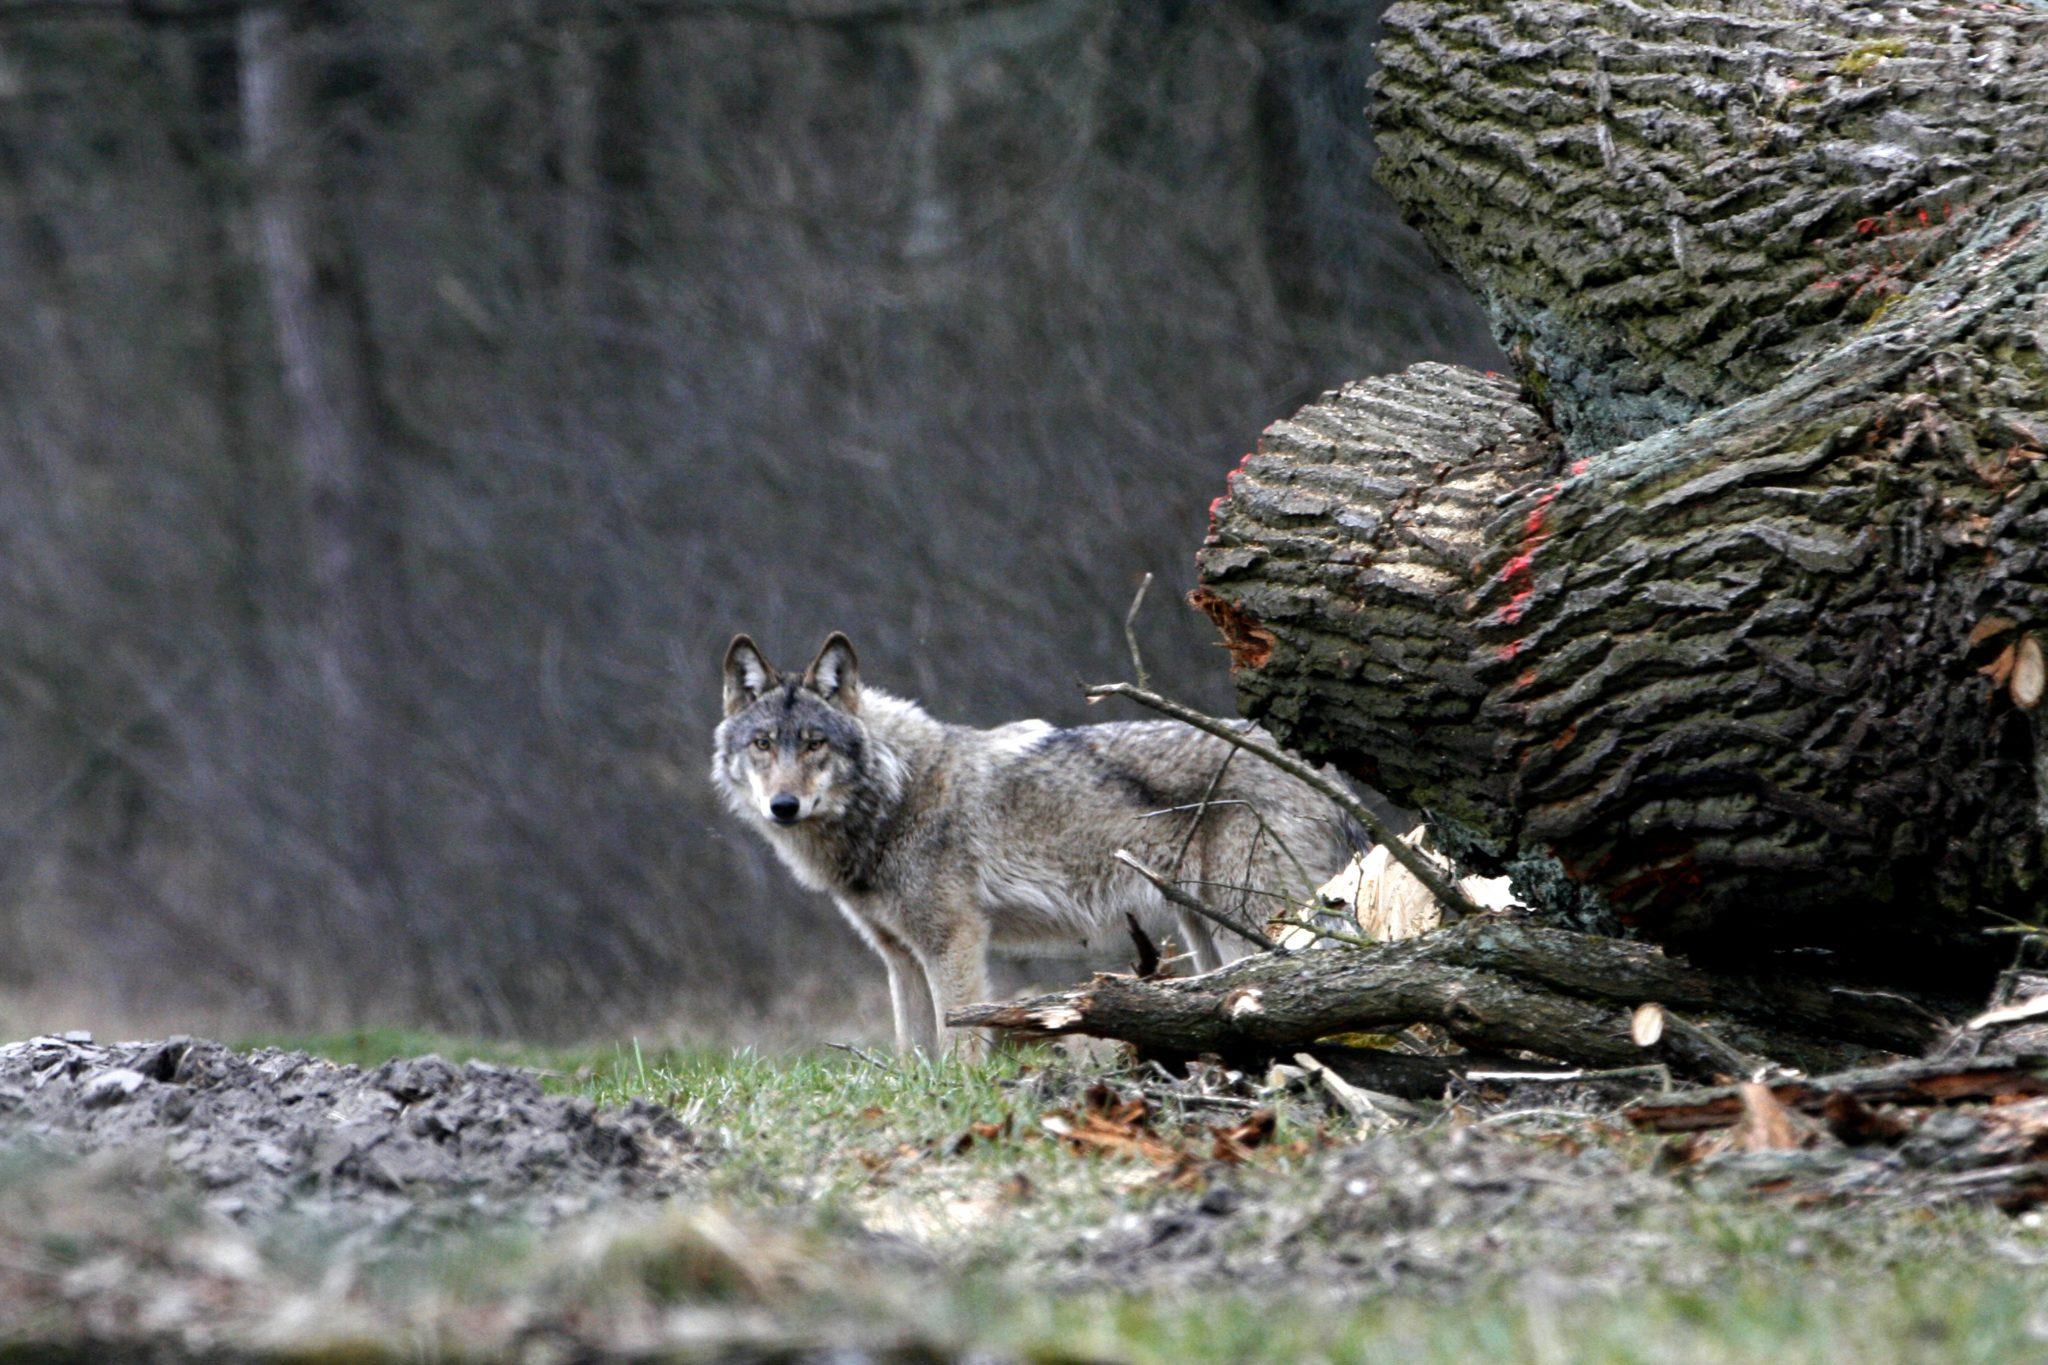 Obgleich scheu sorgt die Rückkehr des Wolfes vielerorts für Verunsicherung. Das anpassungsfähige Raubtier, aber auch extensive Tierhalter braucht das Engagement von Umweltschützern.